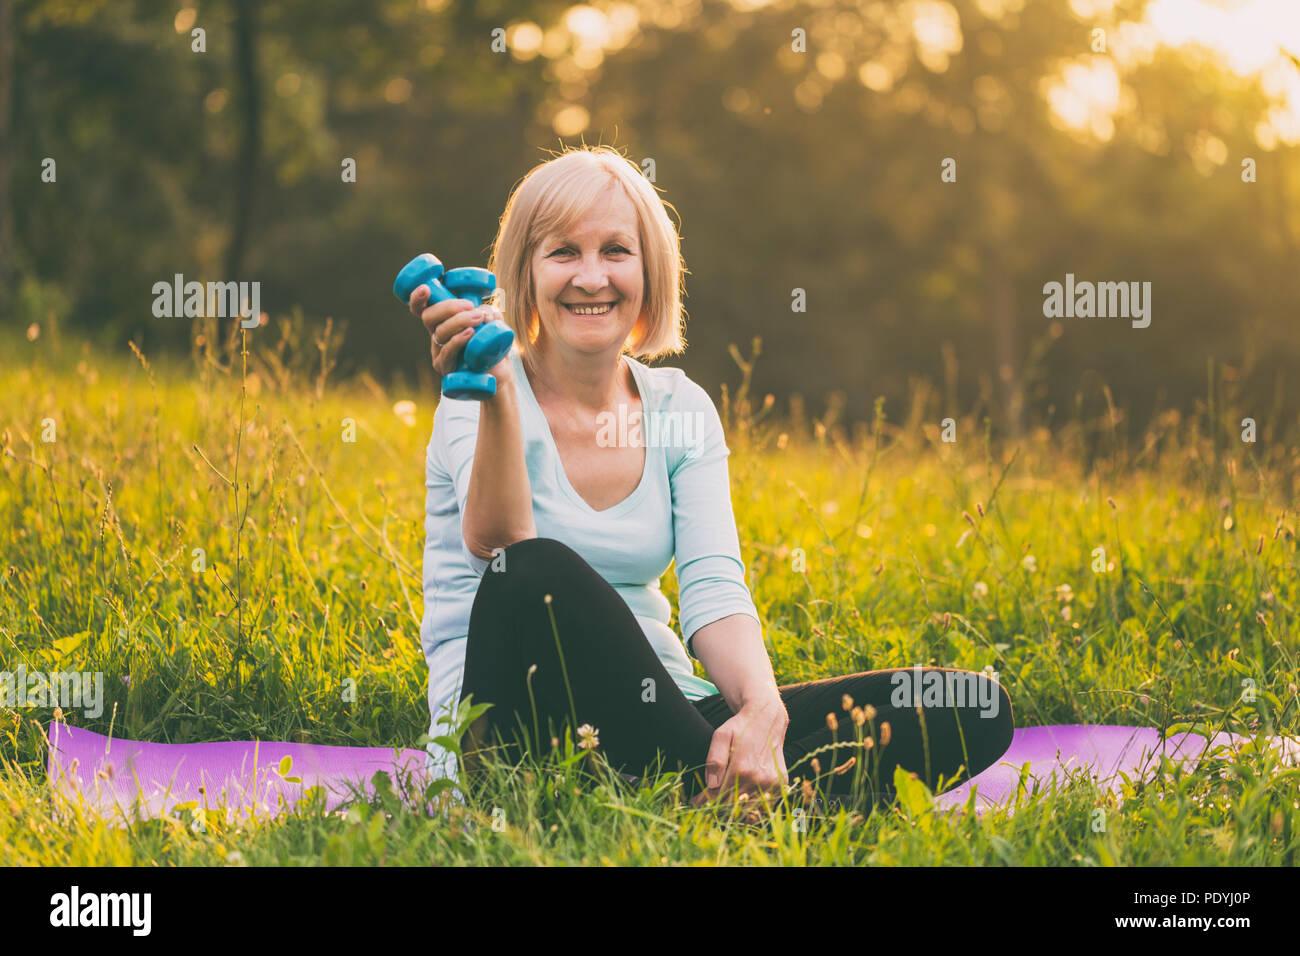 Retrato de mujer sosteniendo senior deportivo pesos.imagen exterior es intencionalmente tonificado. Imagen De Stock